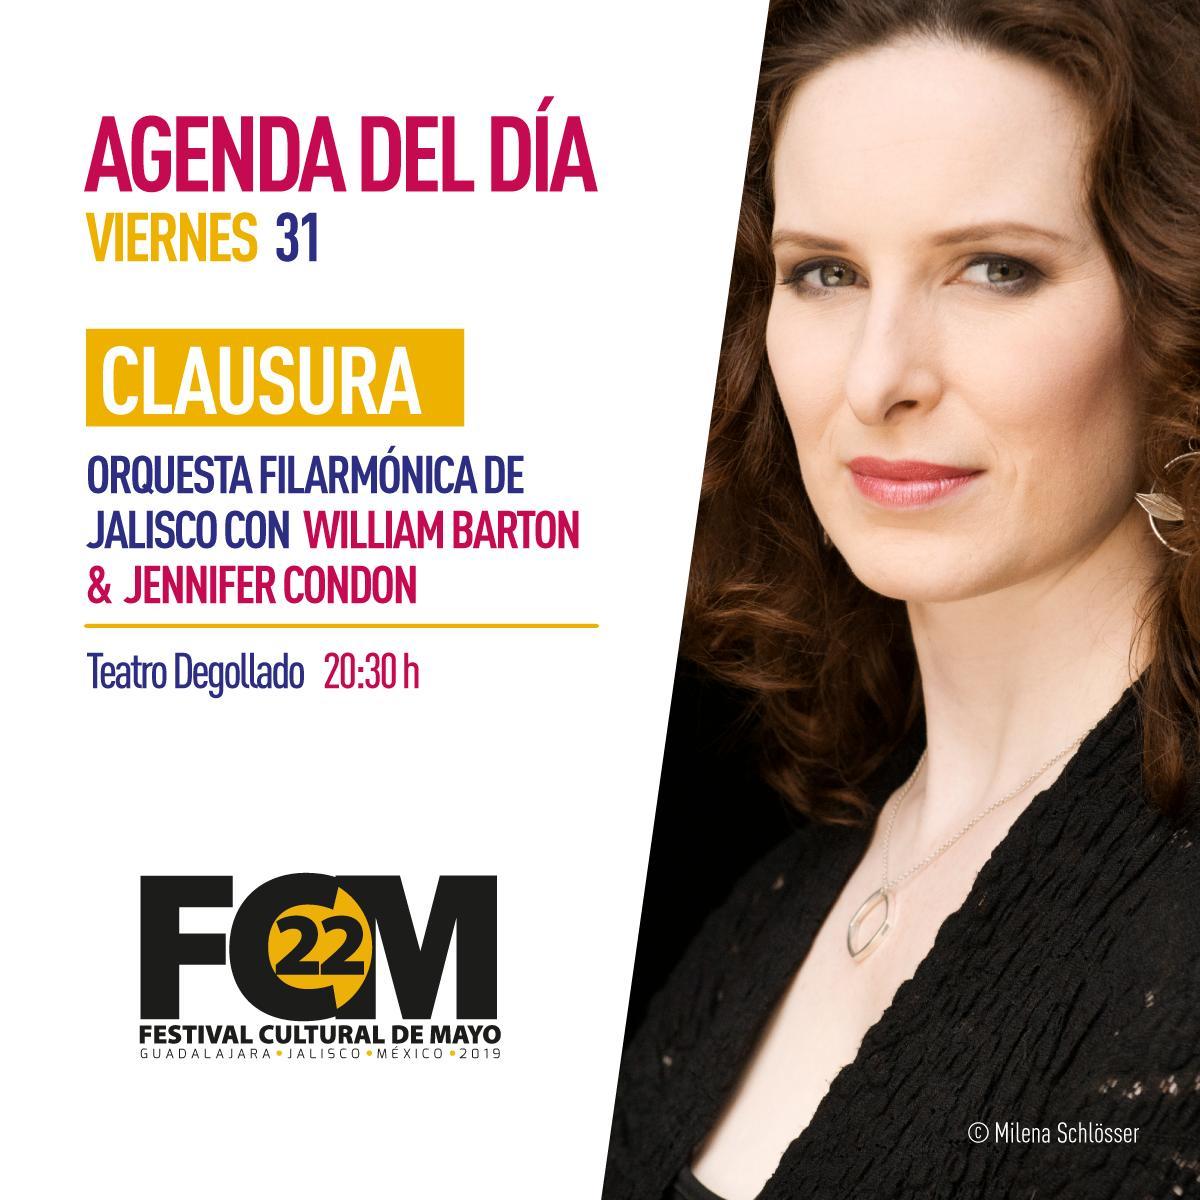 #AgendaDelDía: ¡Esta noche es la clausura del #FestivalDeMayo! Nos vemos en el Teatro Degollado. 😉